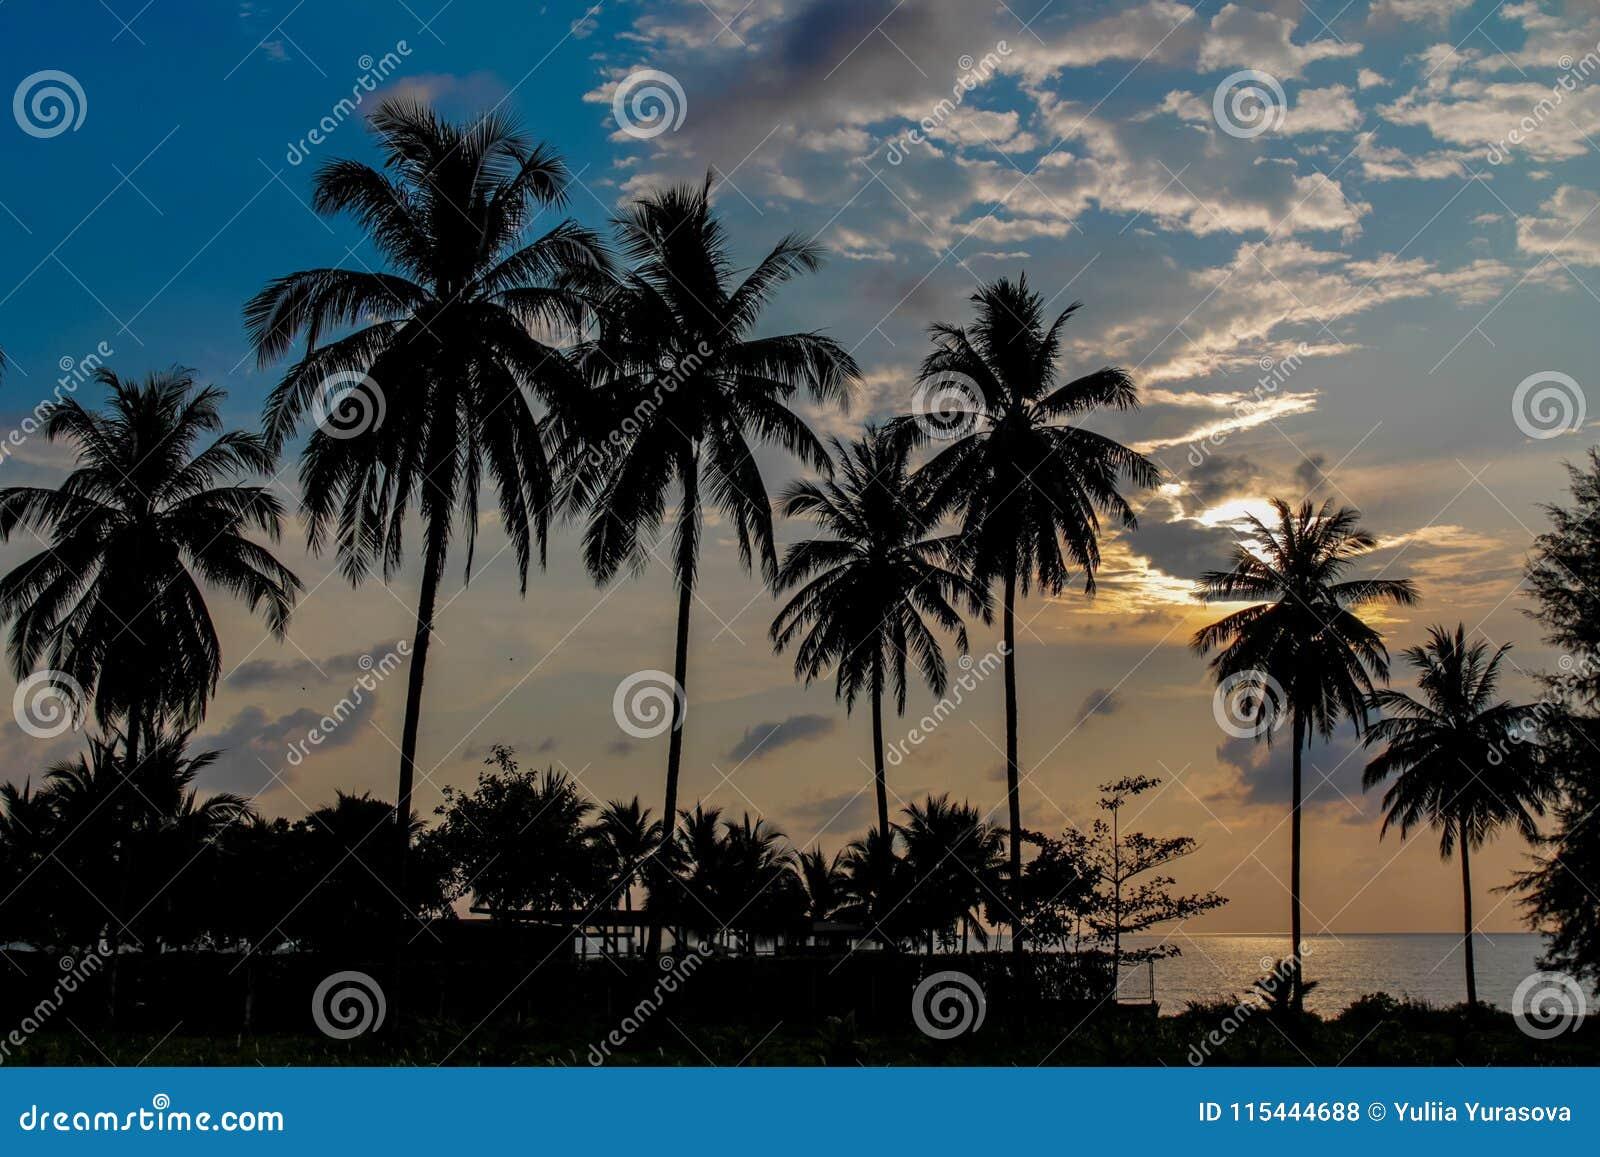 Silueta de la puesta del sol de las palmeras en el centro for Centro turistico puesta del sol